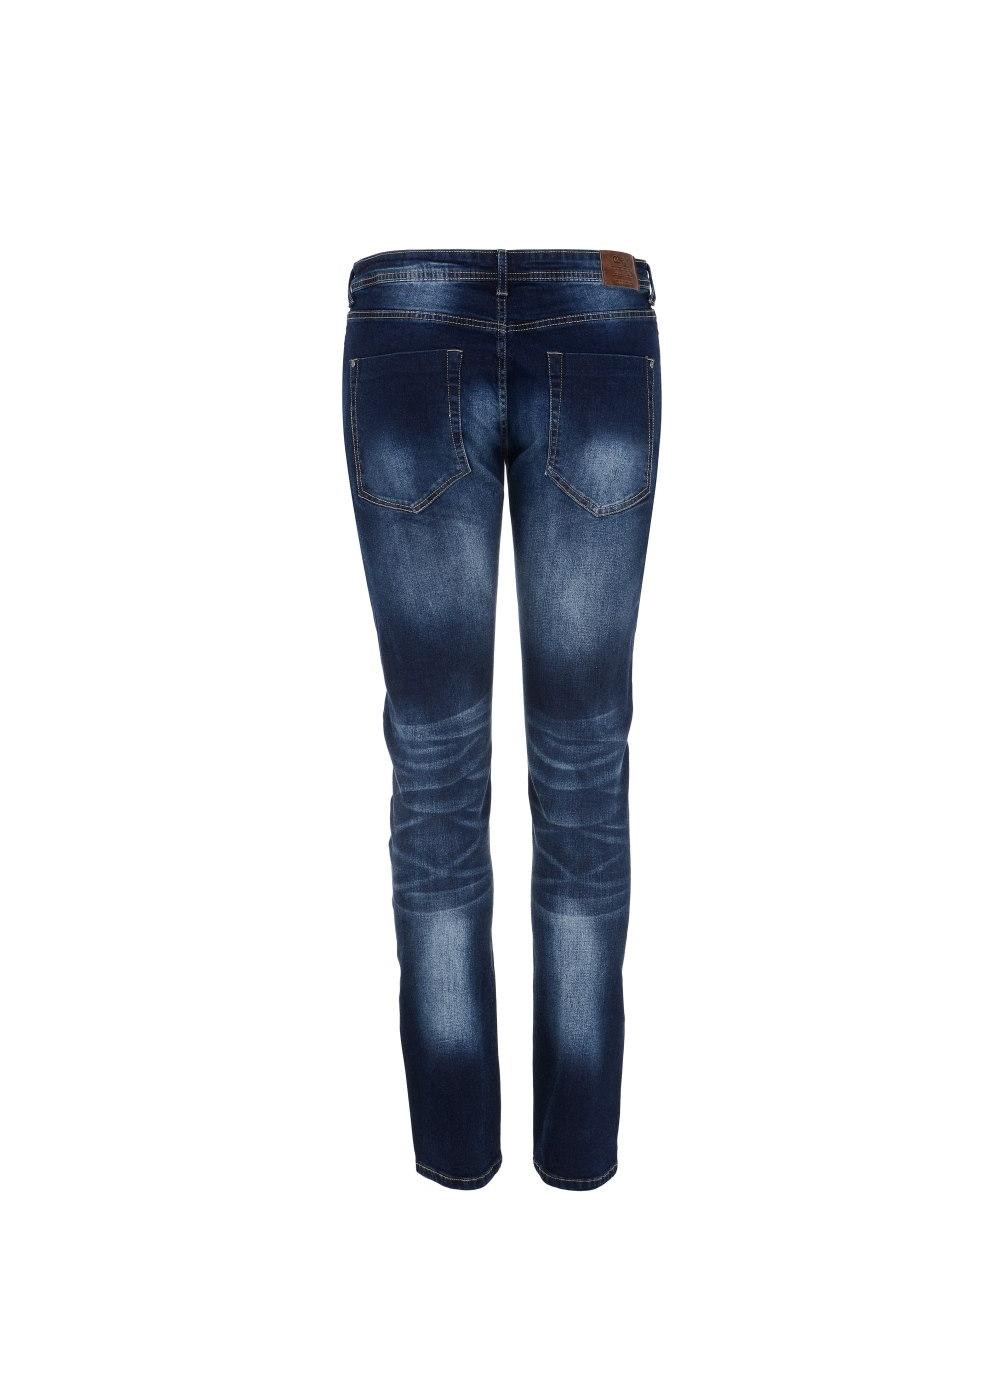 Spodnie męskie JEAMT-0007-69(W20)